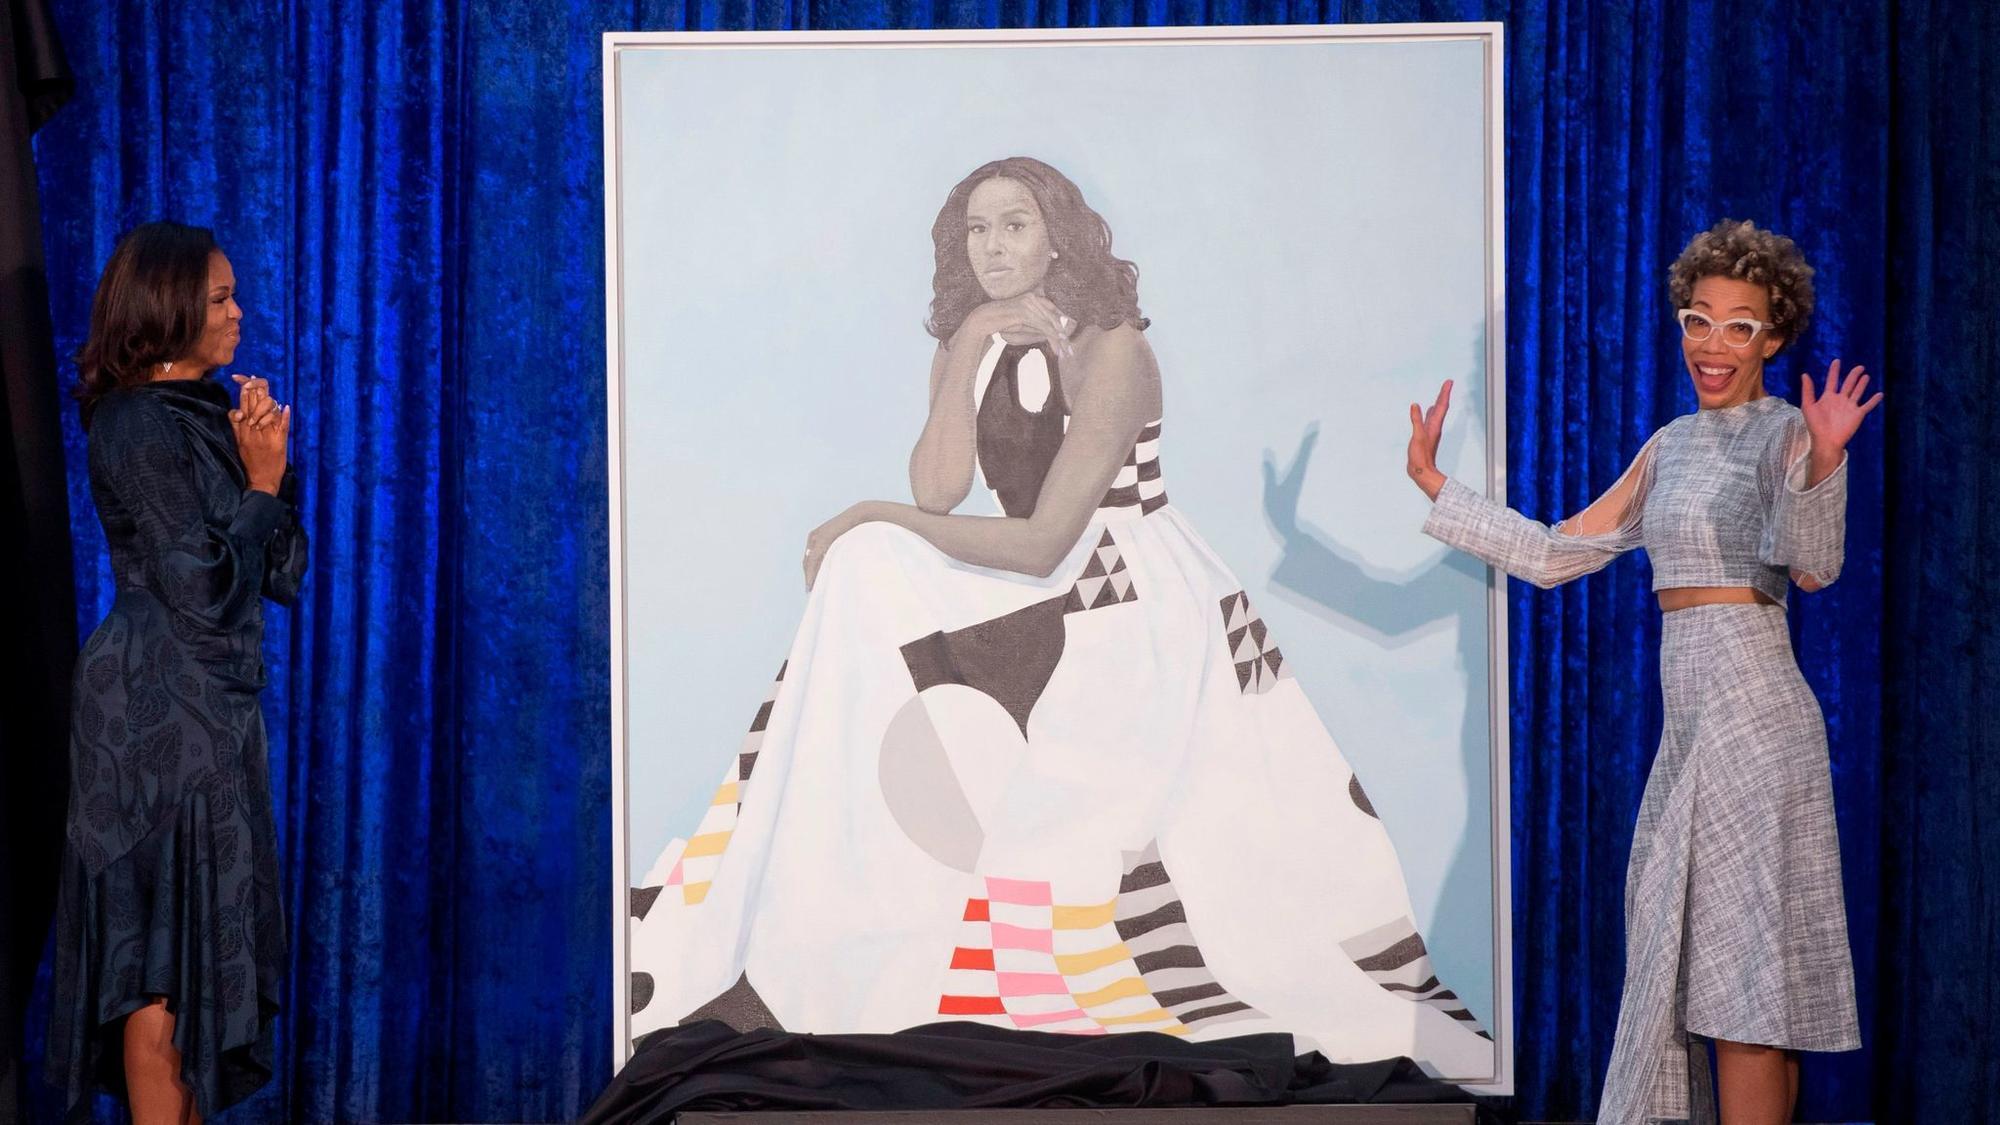 Artist Behind Michelle Obama Portrait